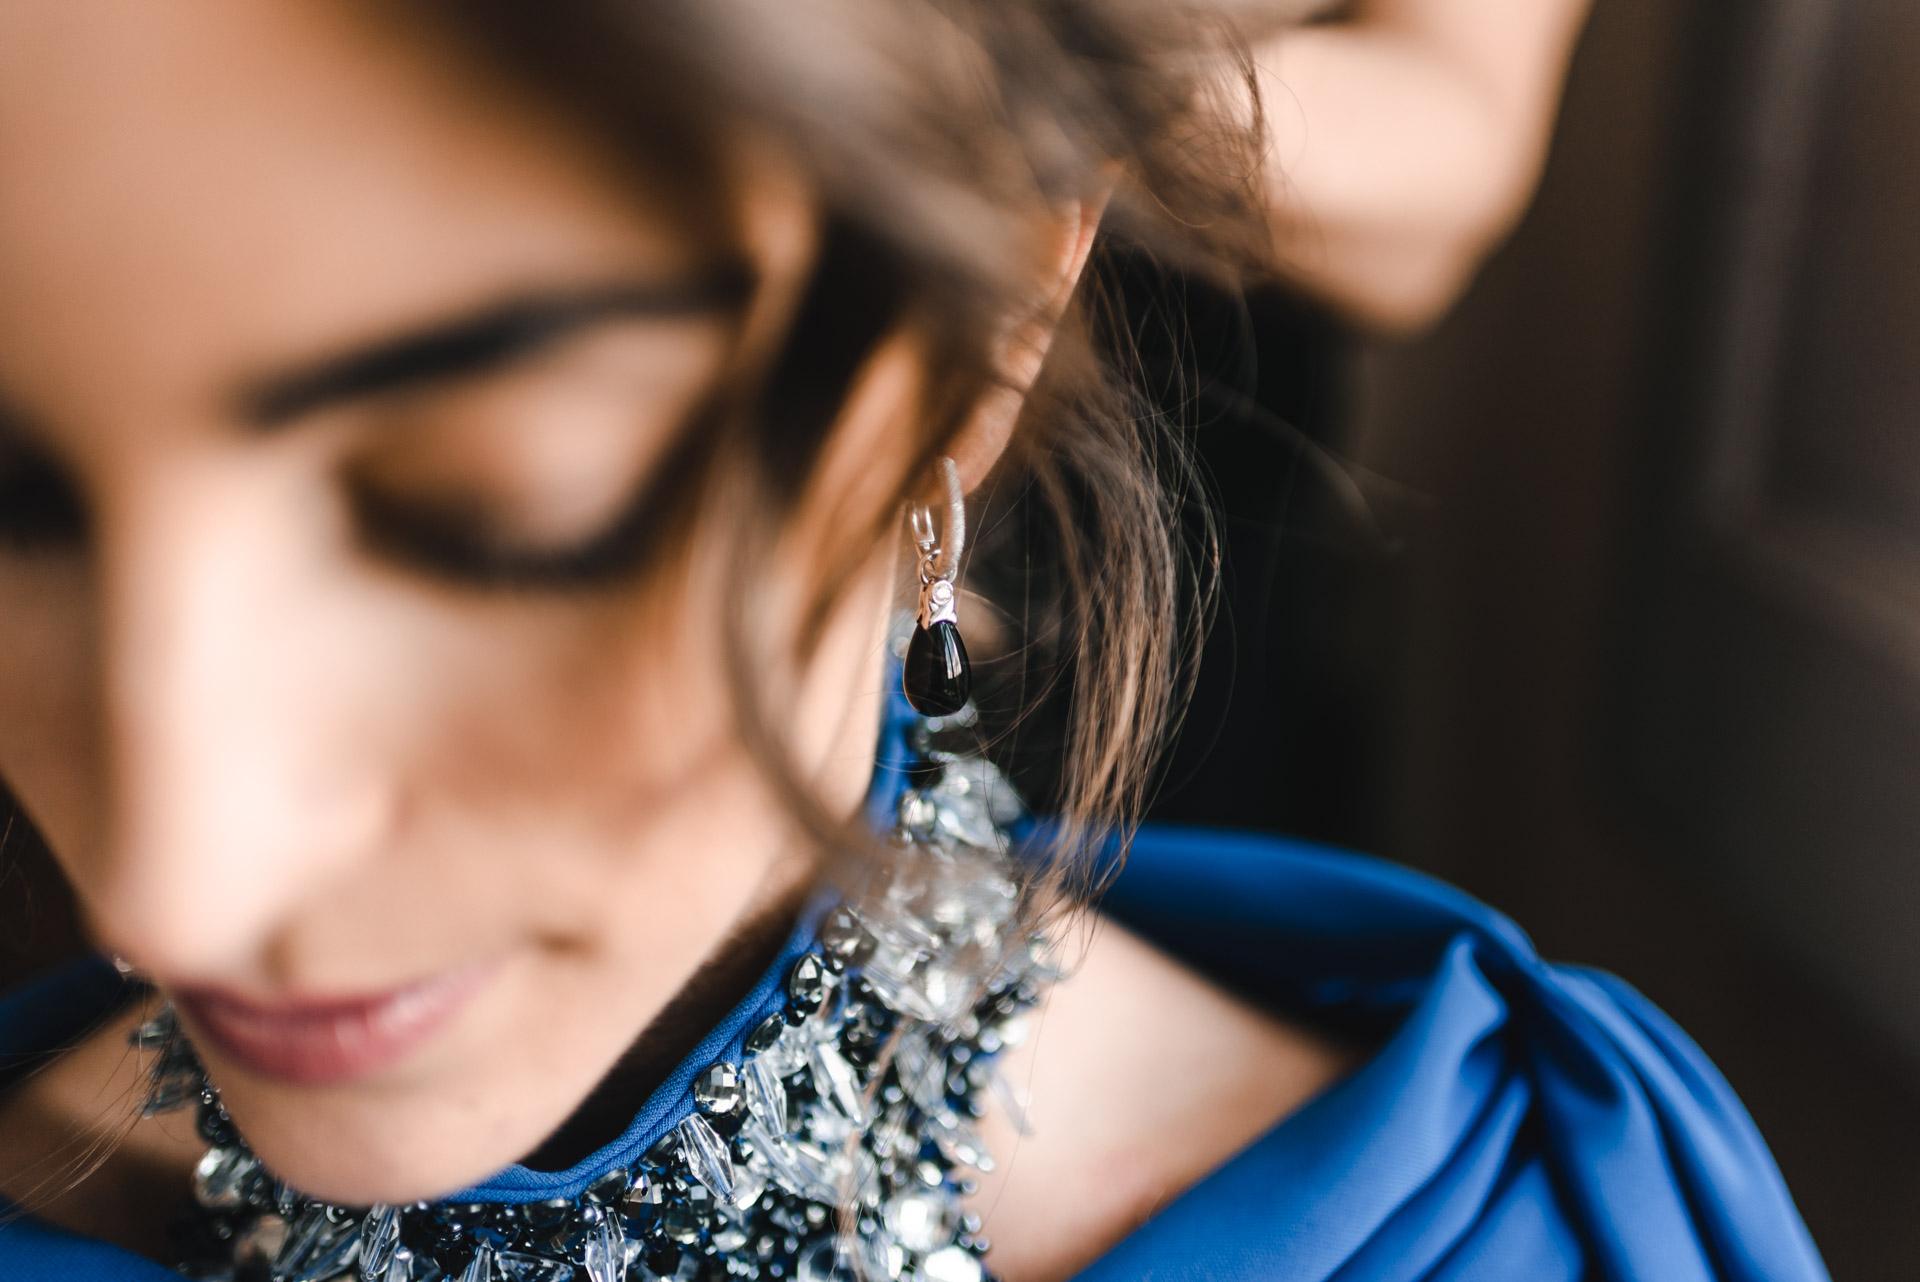 Producción @weddingideas.es Enclave @Fincaelgasco Fotografía @crazyloveshots Peluquería @anadiezrivera Joyas @germanjoyero